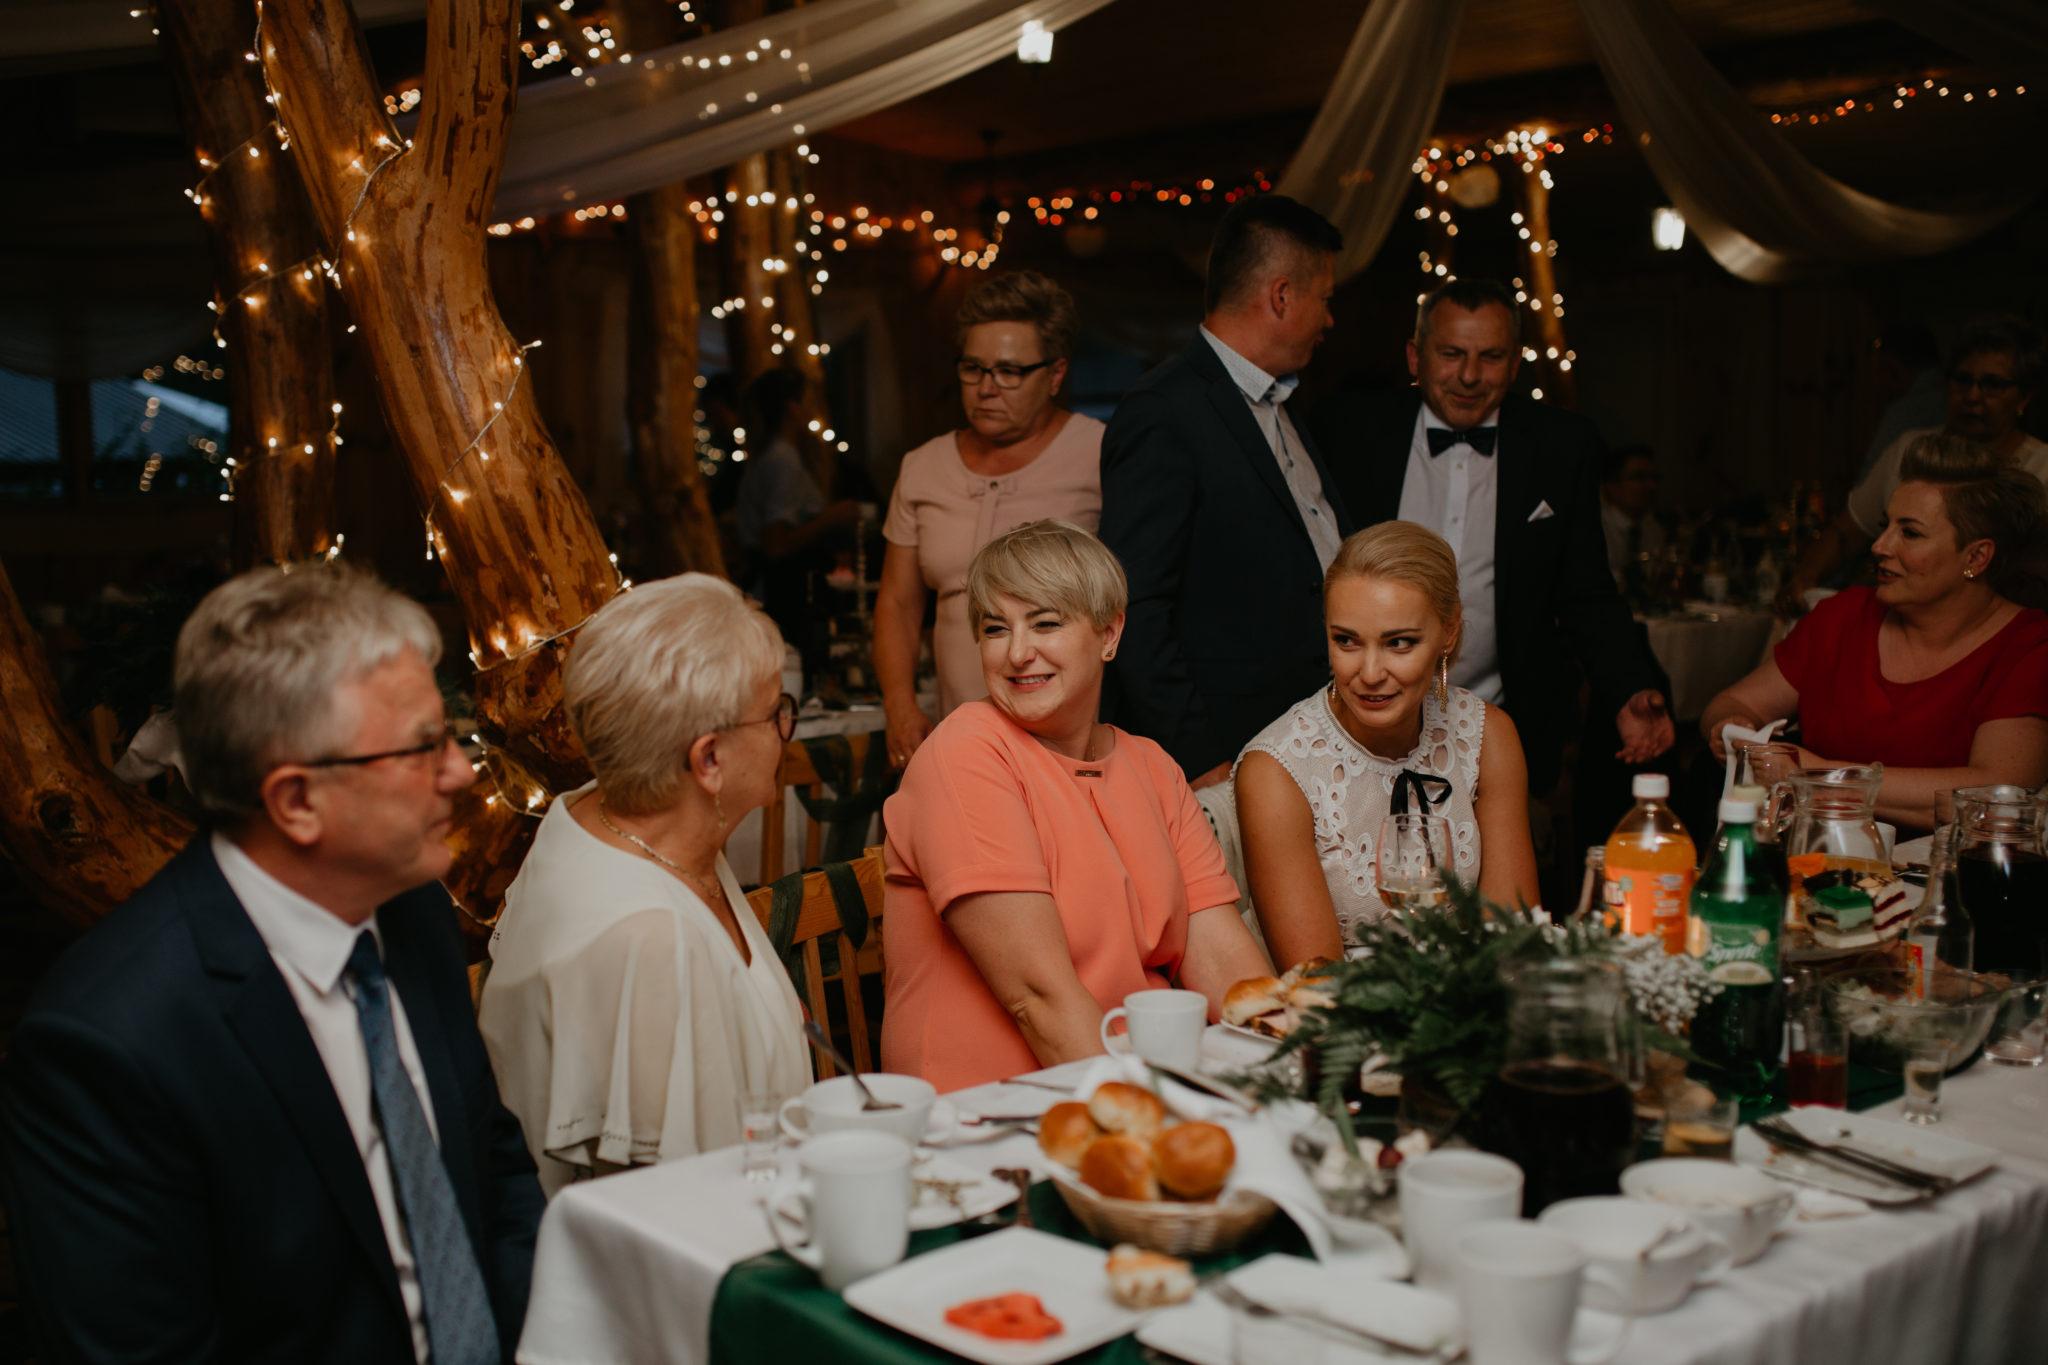 gosia i kuba99 - fotografiagk Fotografia ślubna RK wedding